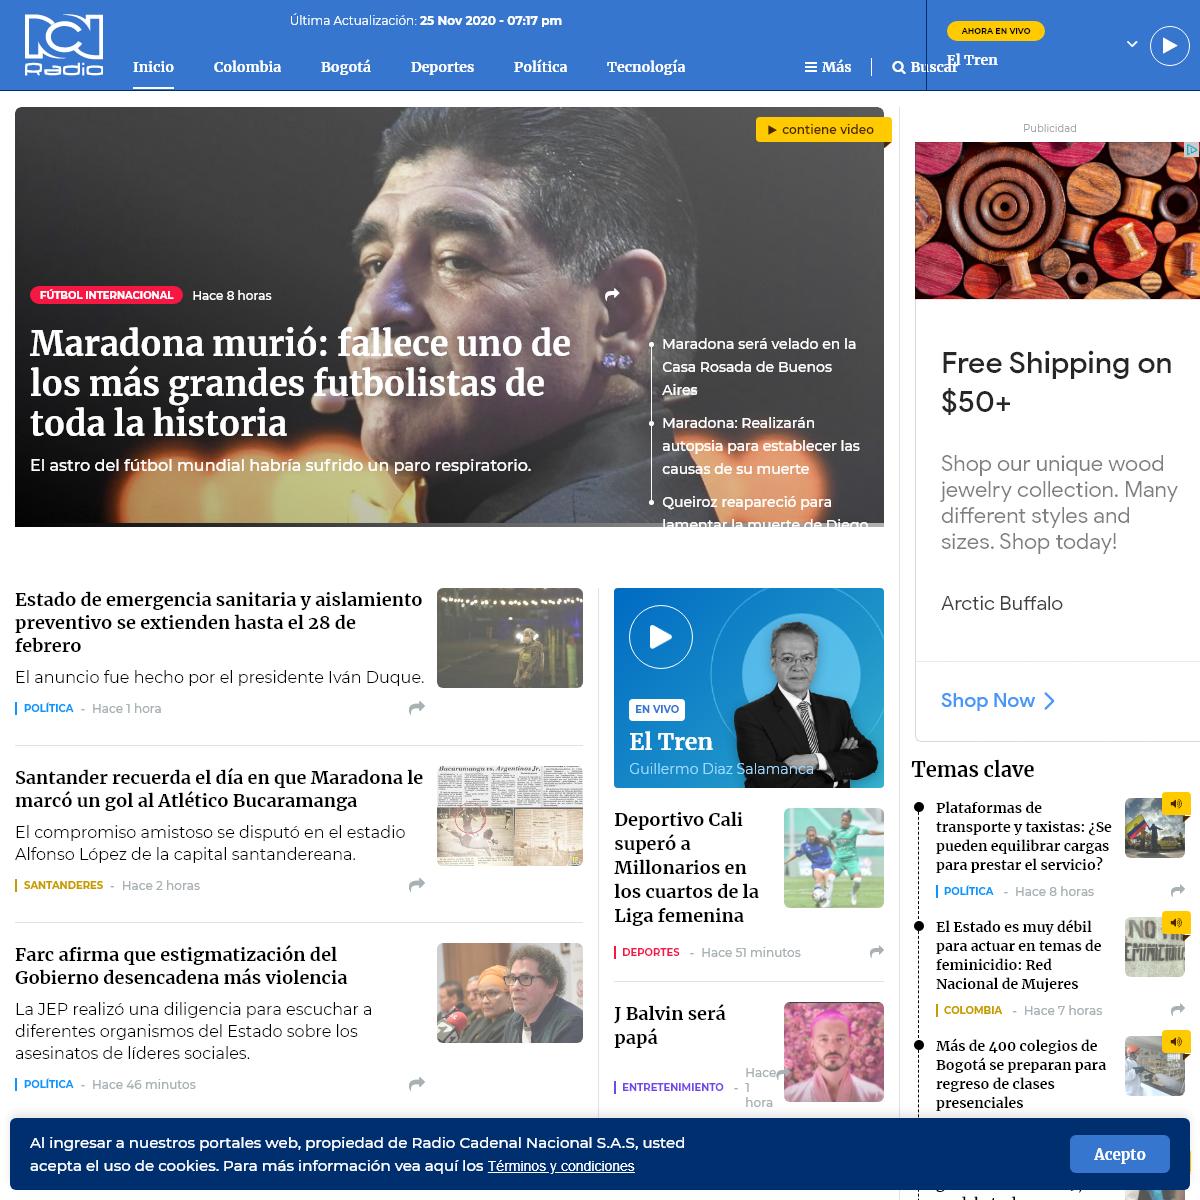 Últimas Noticias de Colombia y el mundo - Noticias - RCN Radio